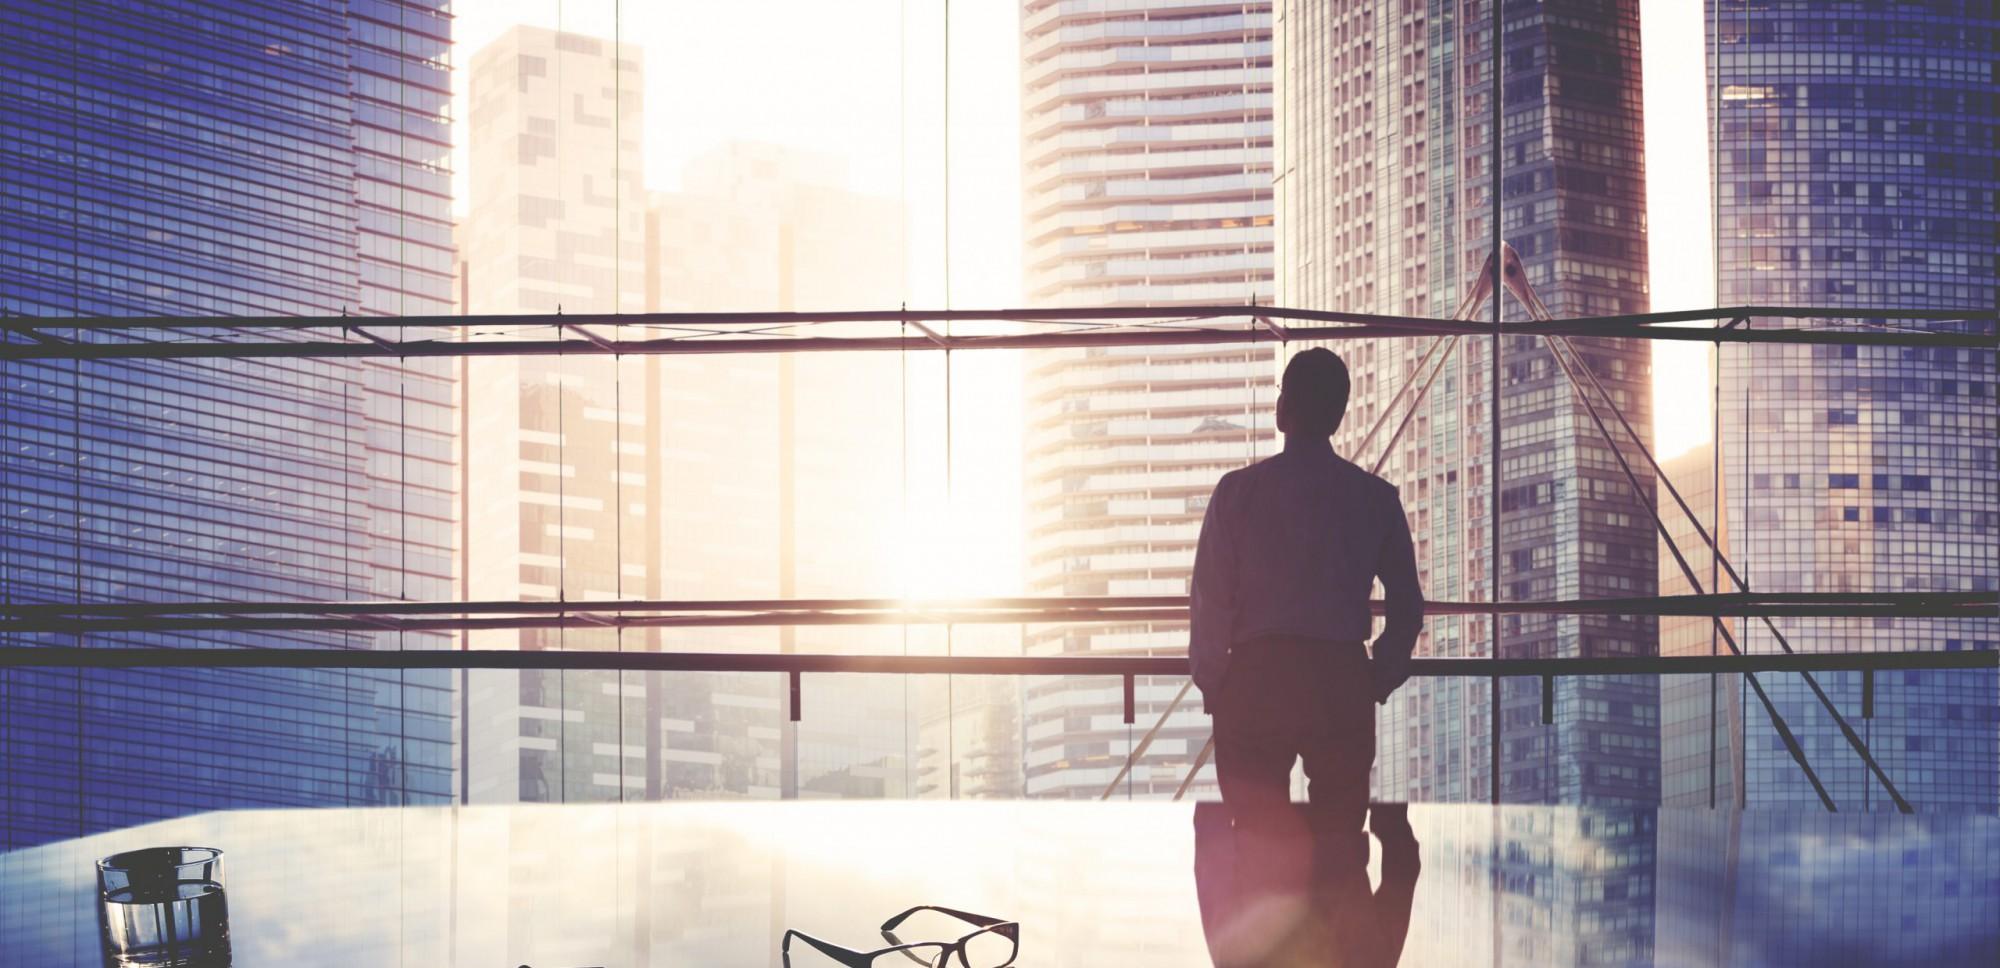 ACCIONA Empleo el futuro del mercado laboral